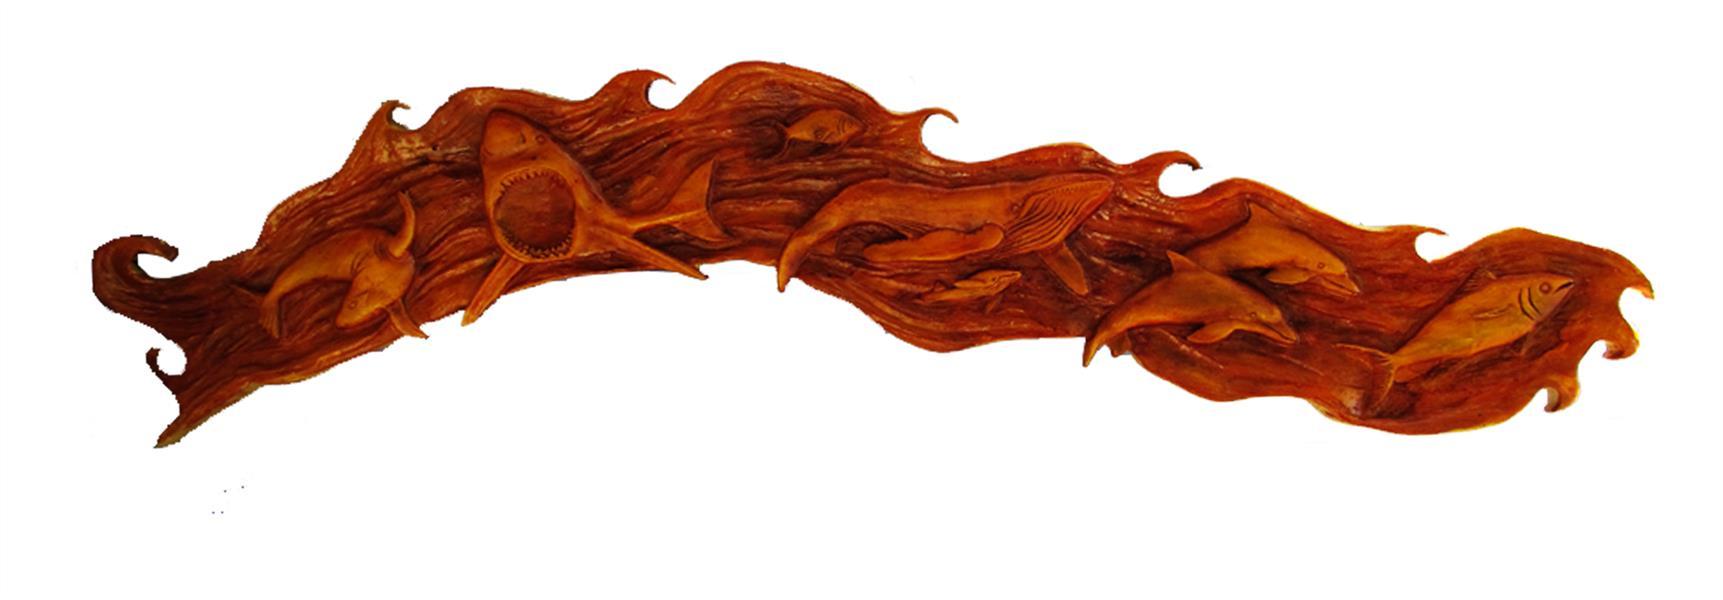 هنر سایر محفل سایر هنر ها faryotab اقیانوس  متریال :چوب درخت چنار  هنر دست  سایز :1.20 *25